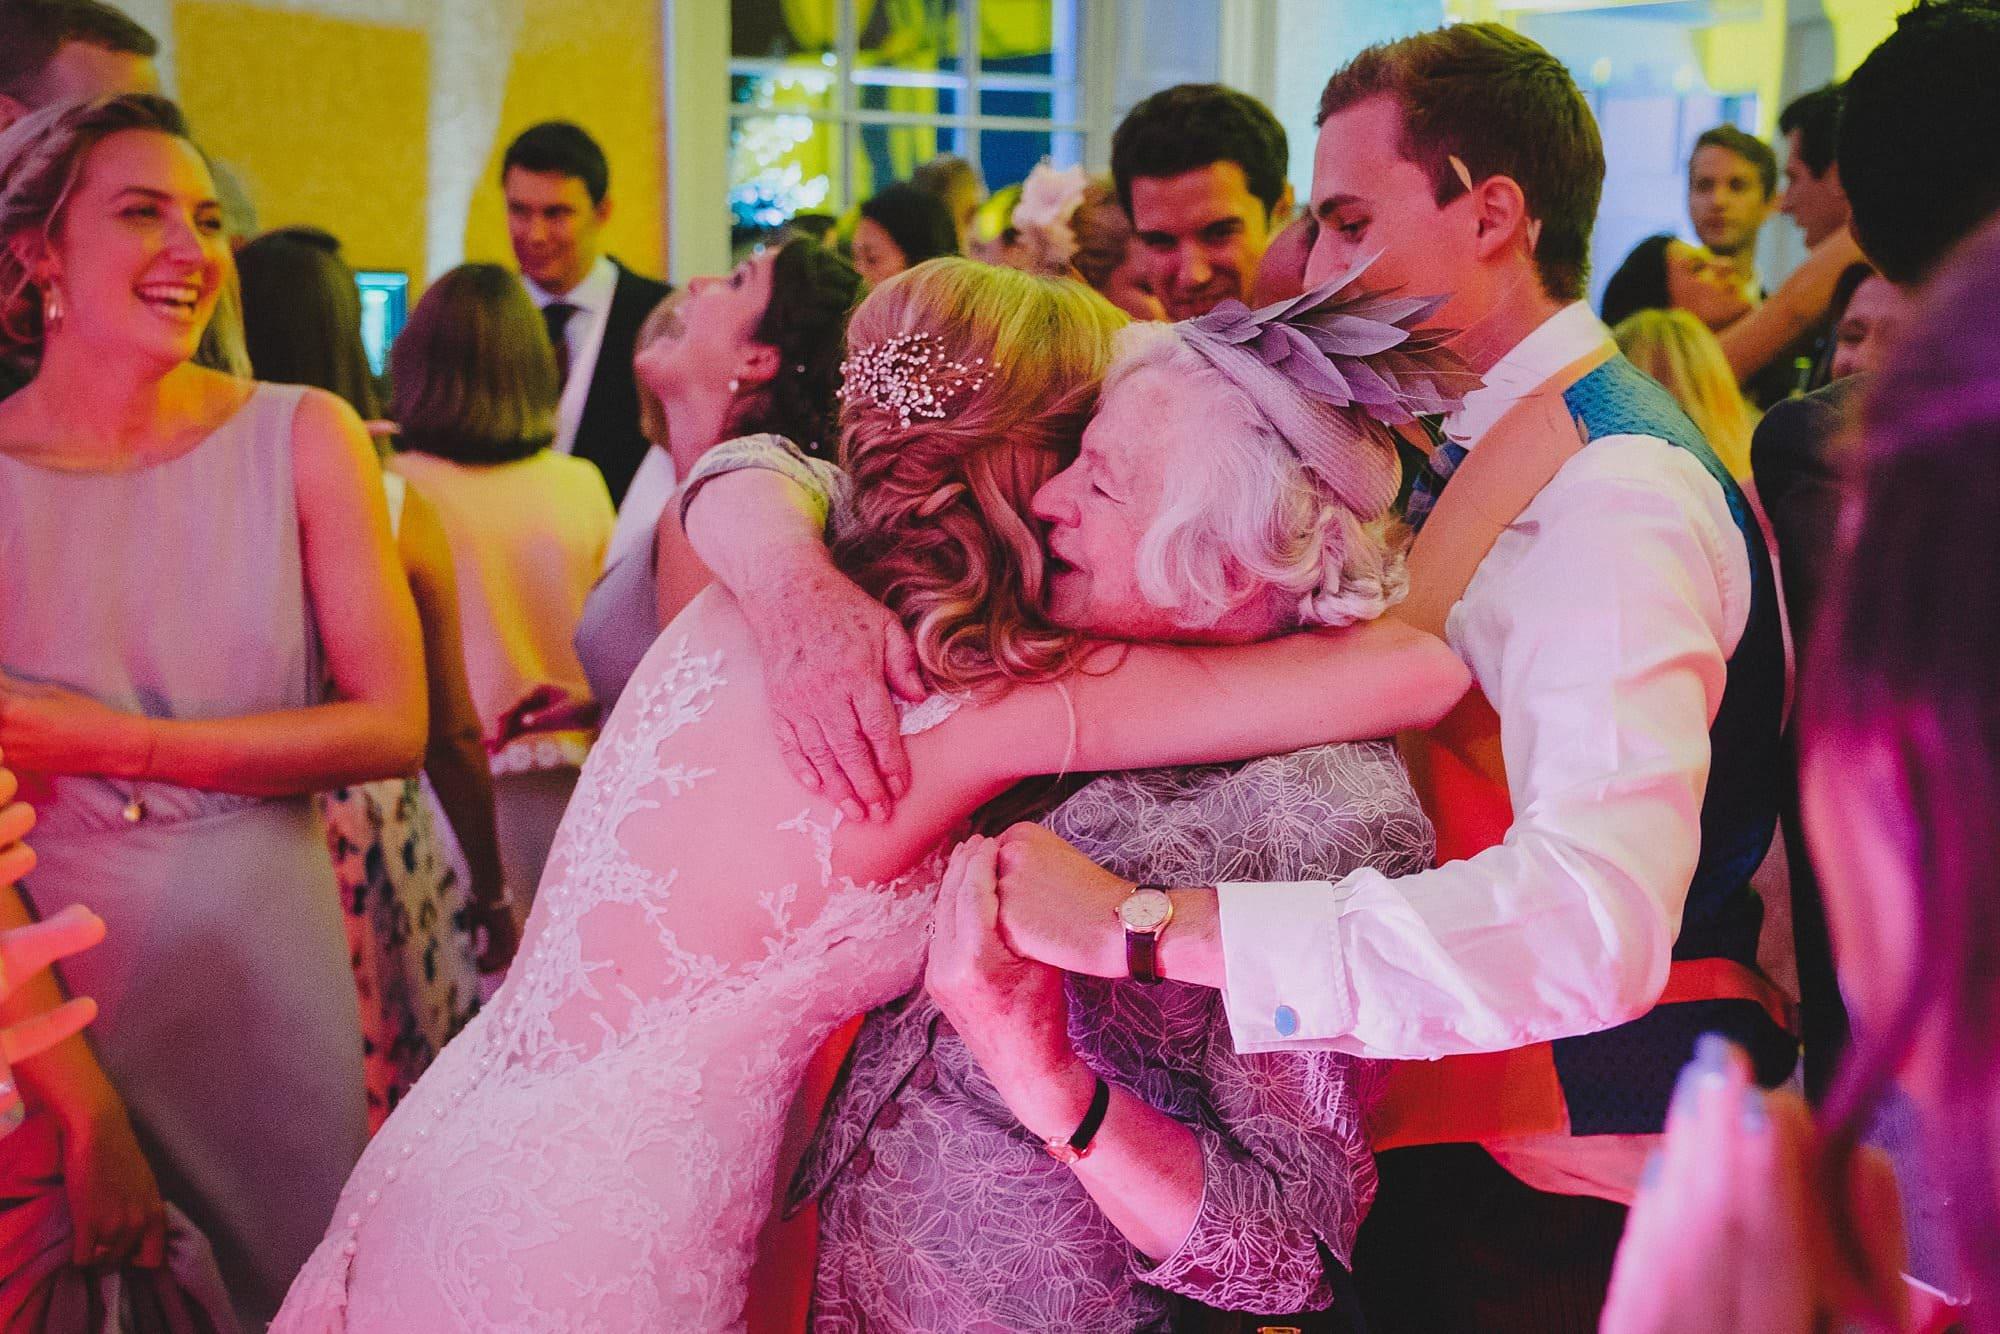 fulham palace wedding photographer 093 - Rosanna & Duncan's Fulham Palace Wedding